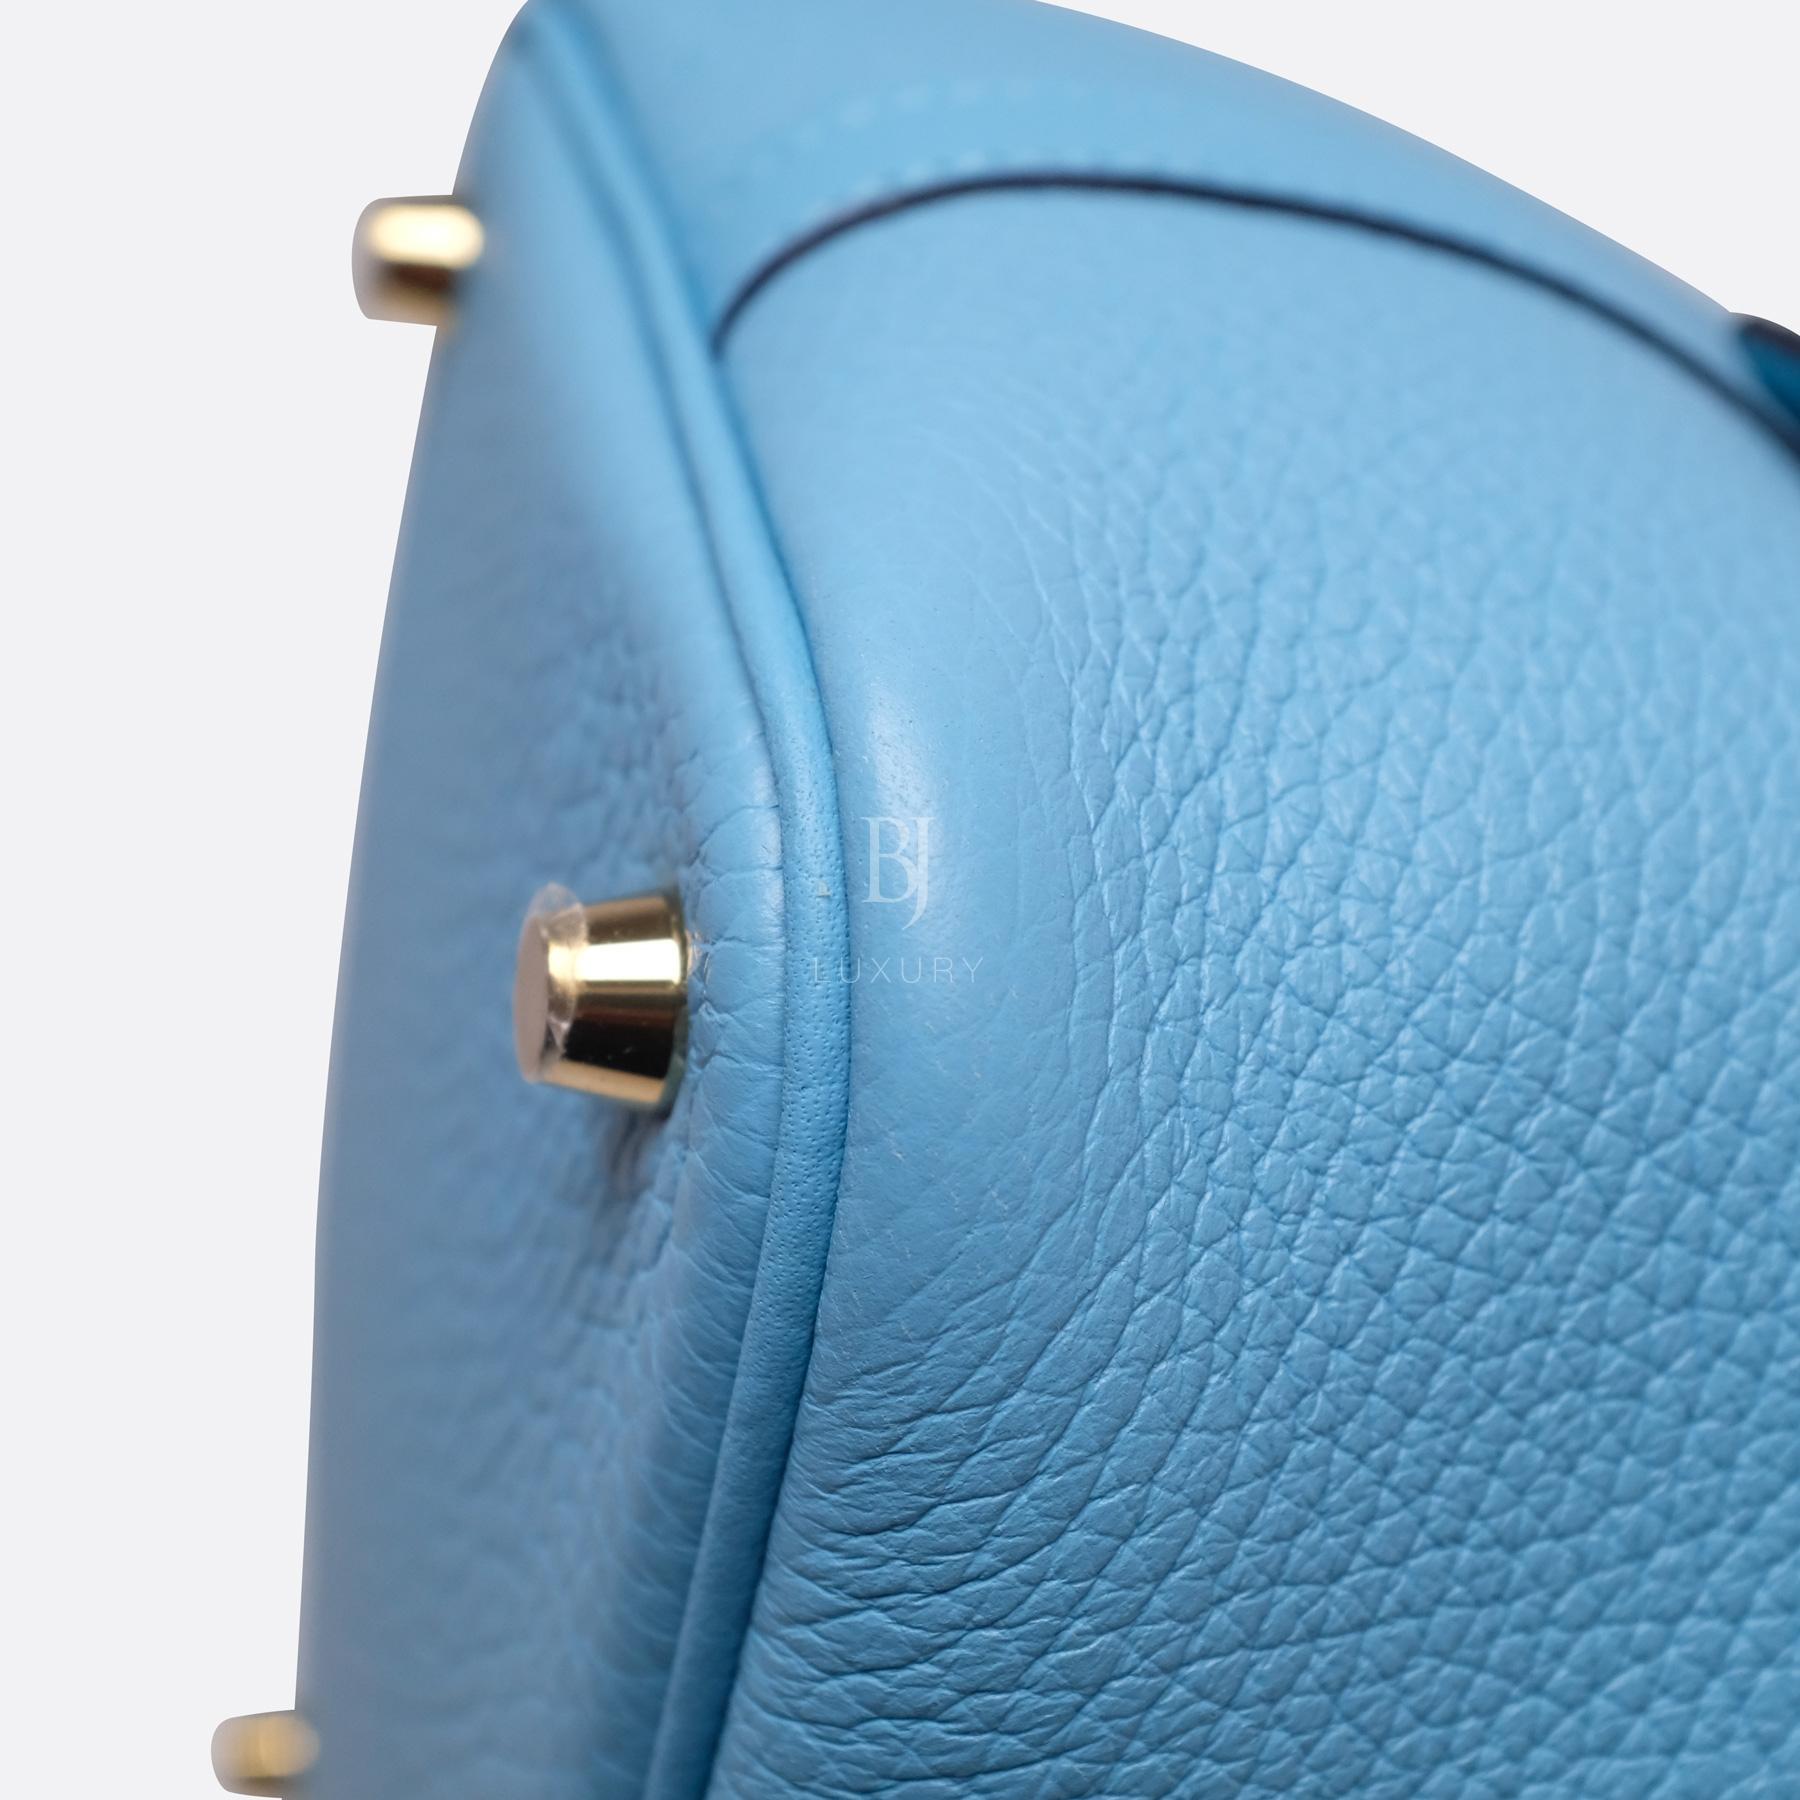 Hermes Picotin 18 Bleu Du Nord Clemence Gold BJ Luxury 8.jpg